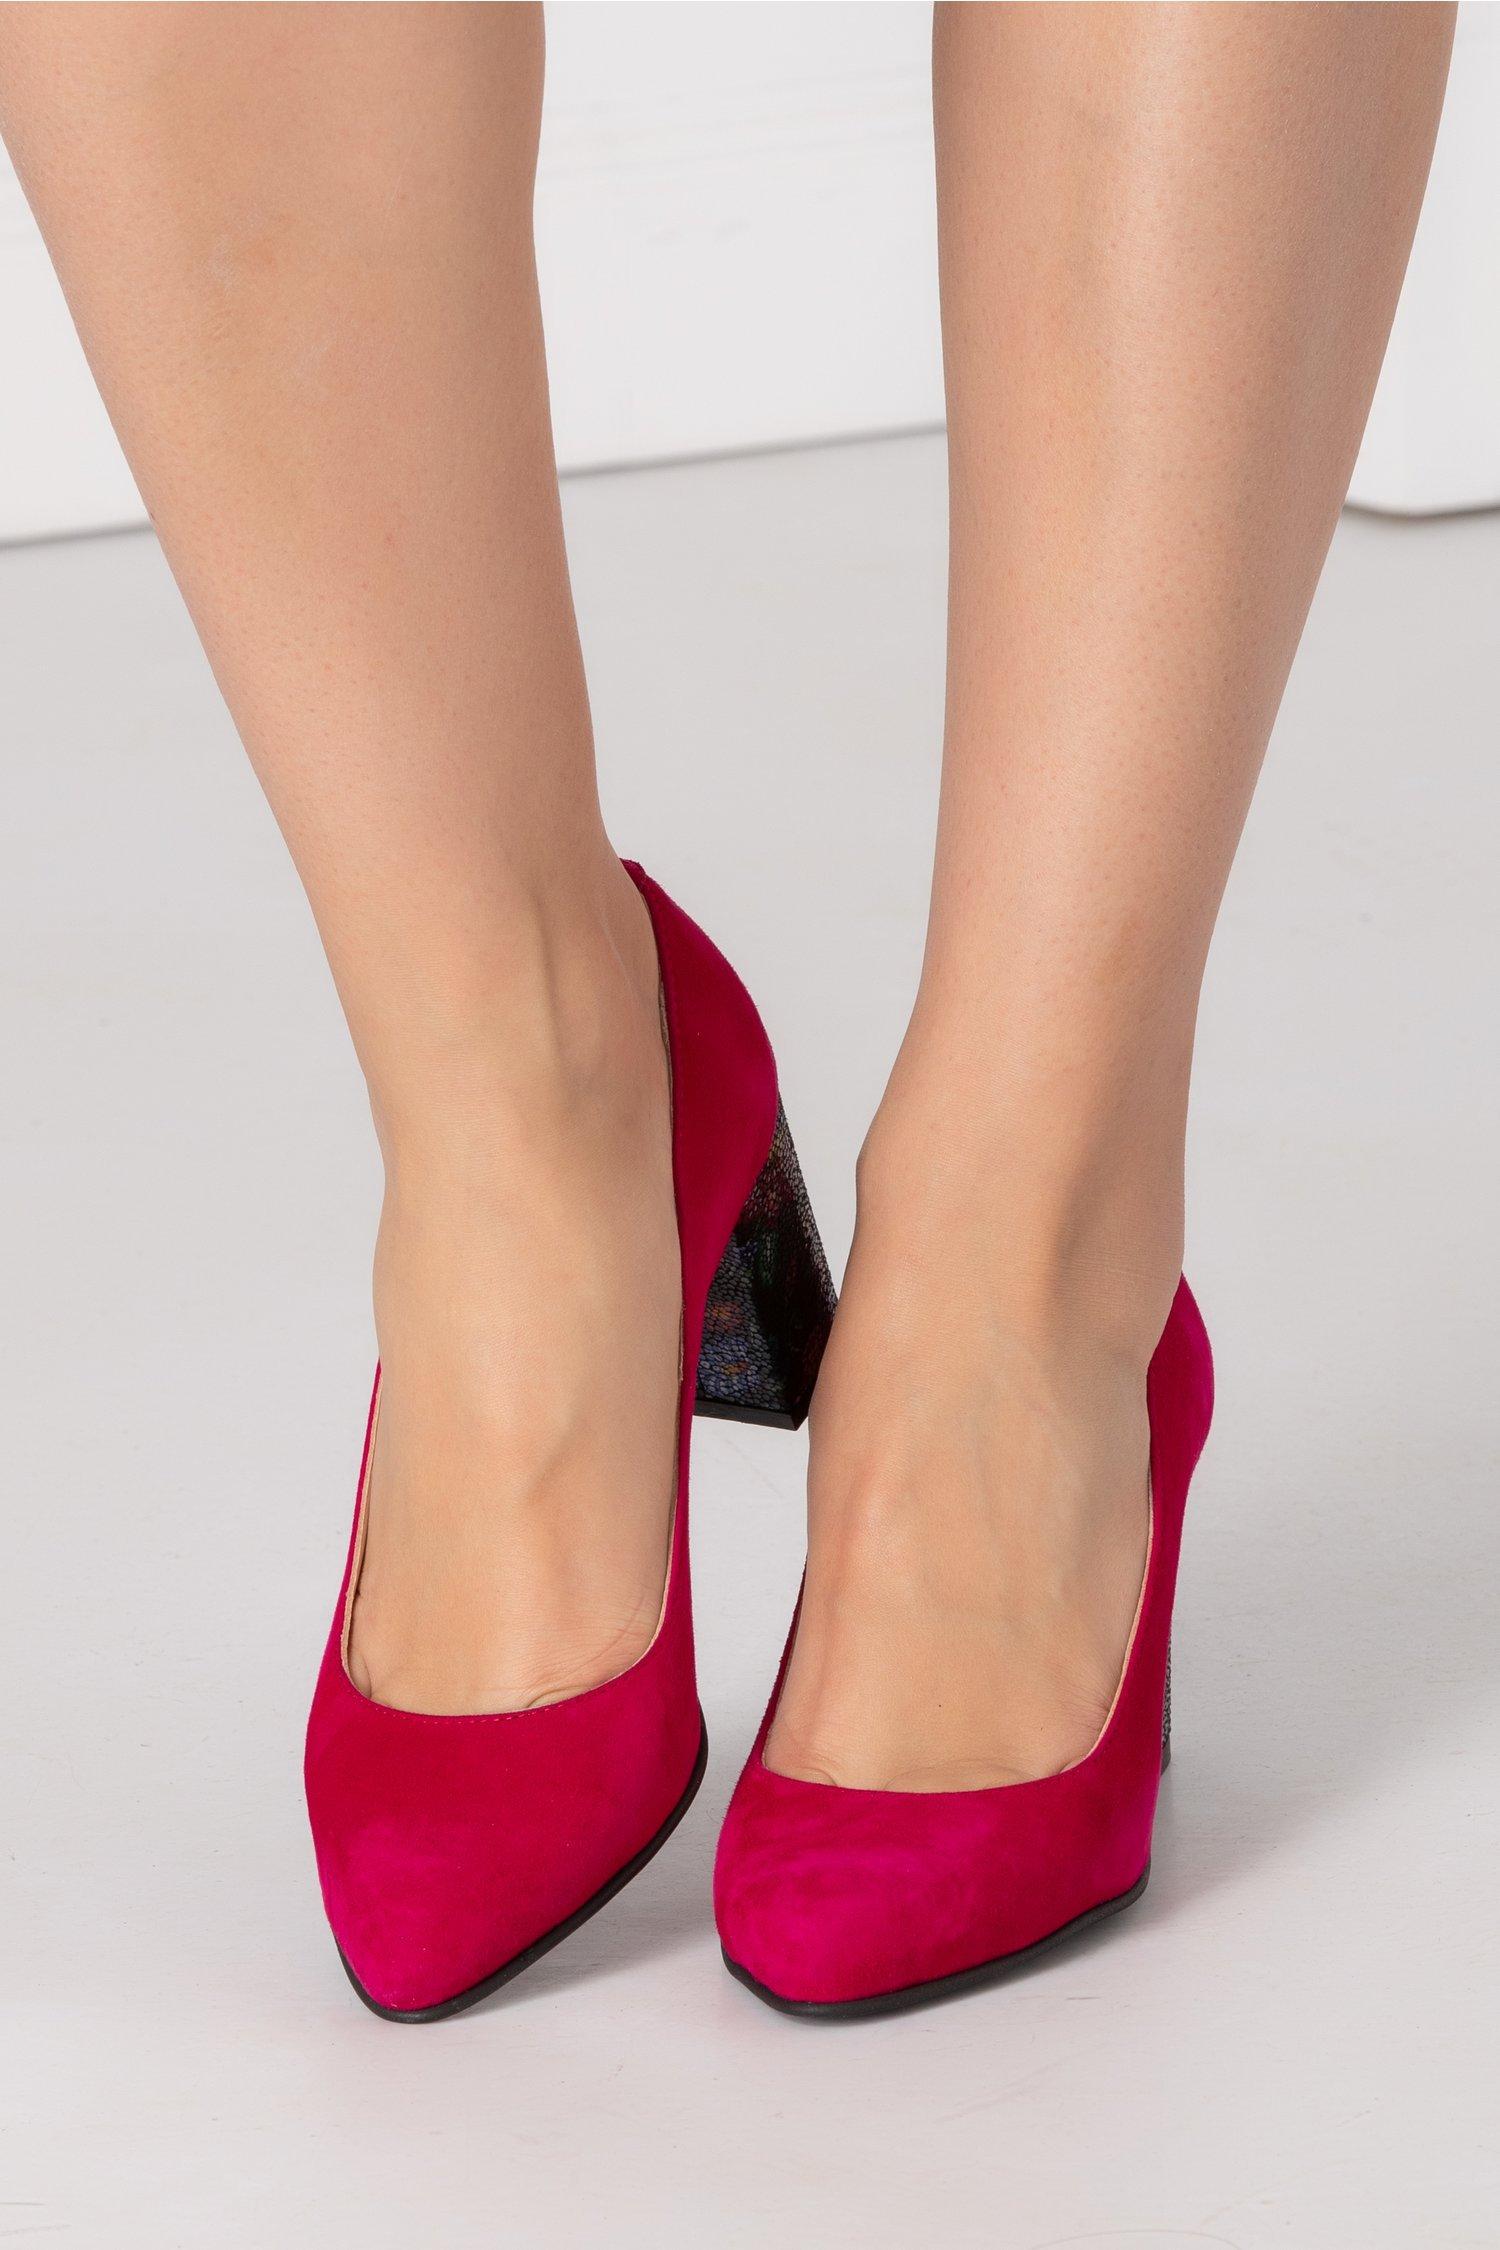 Pantofi fucsia cu insertii florale pe toc